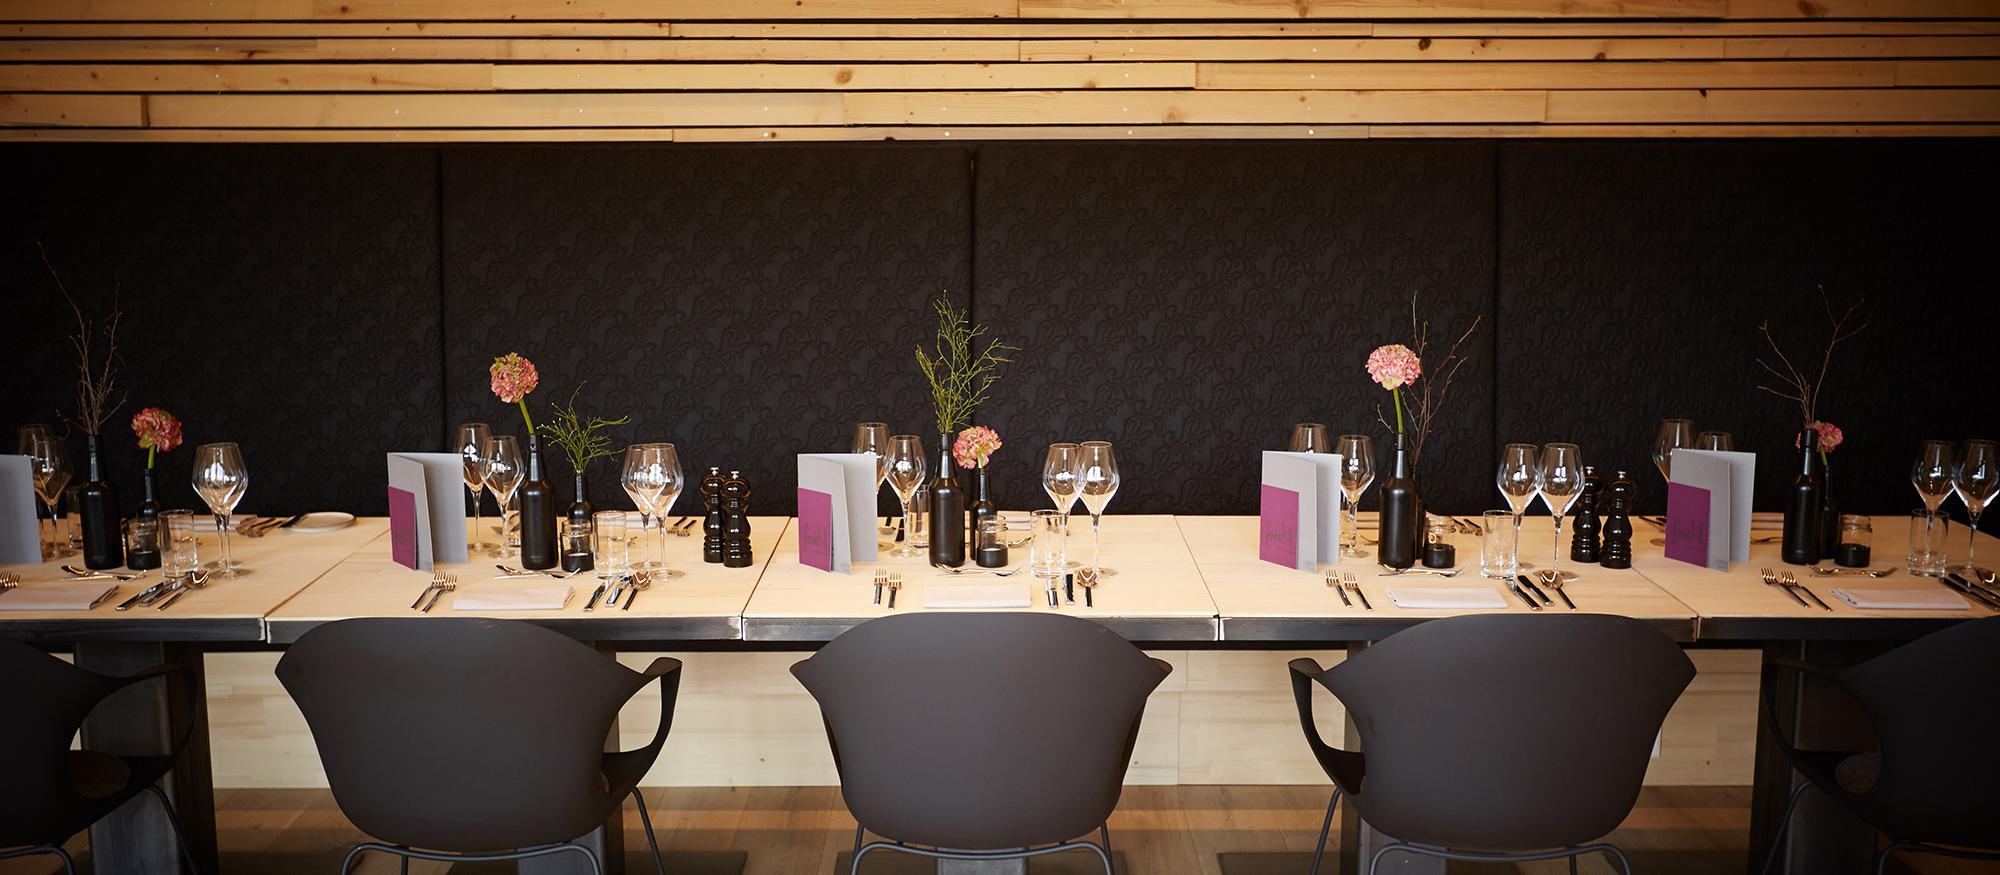 Tafel im Restaurant freistil. Gemütliche Stühle, schicke Bank, besondere Holzdecke